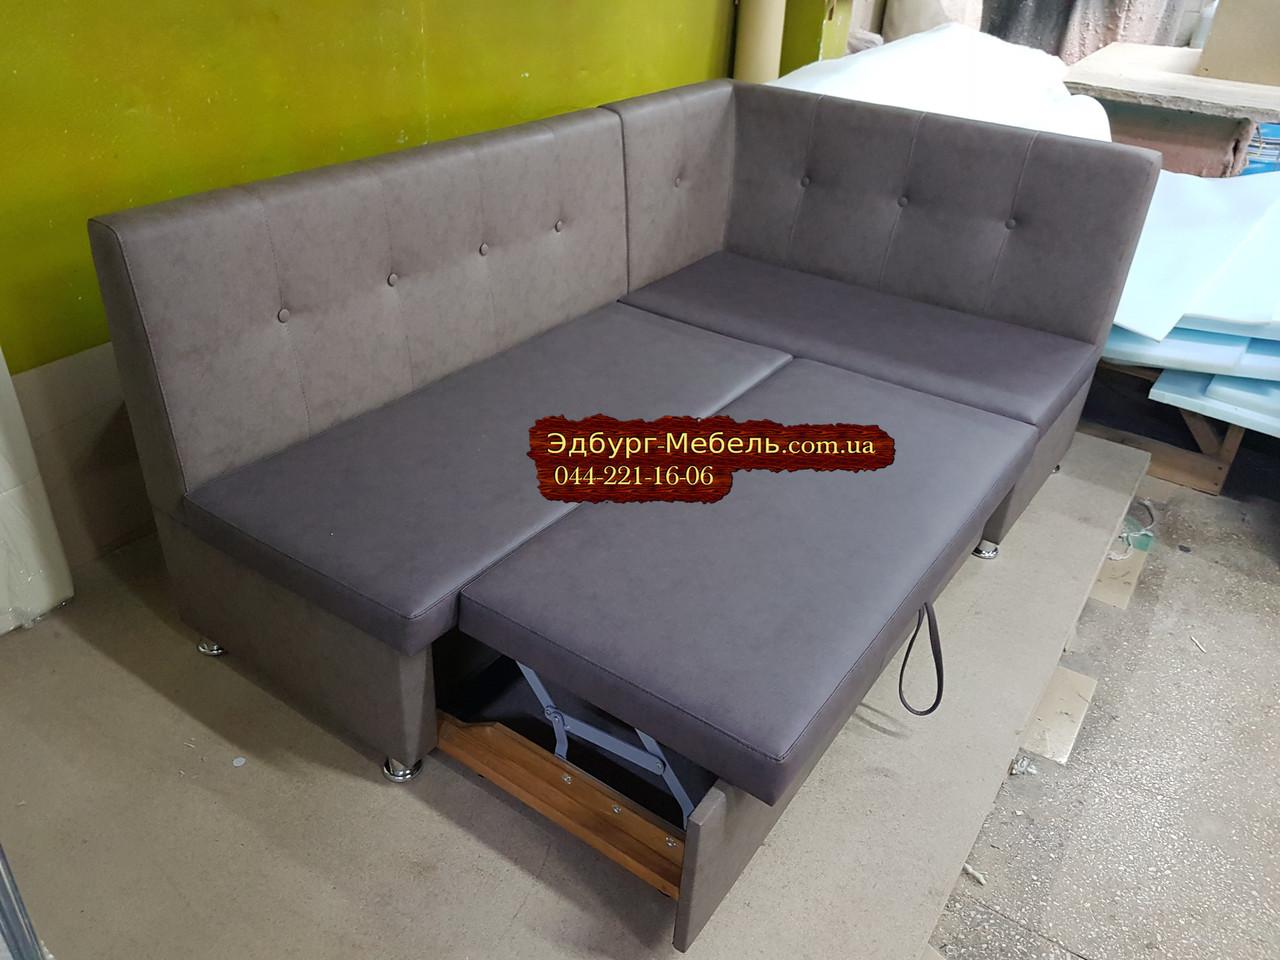 Кухонный уголок с пуговицами и спальным местом